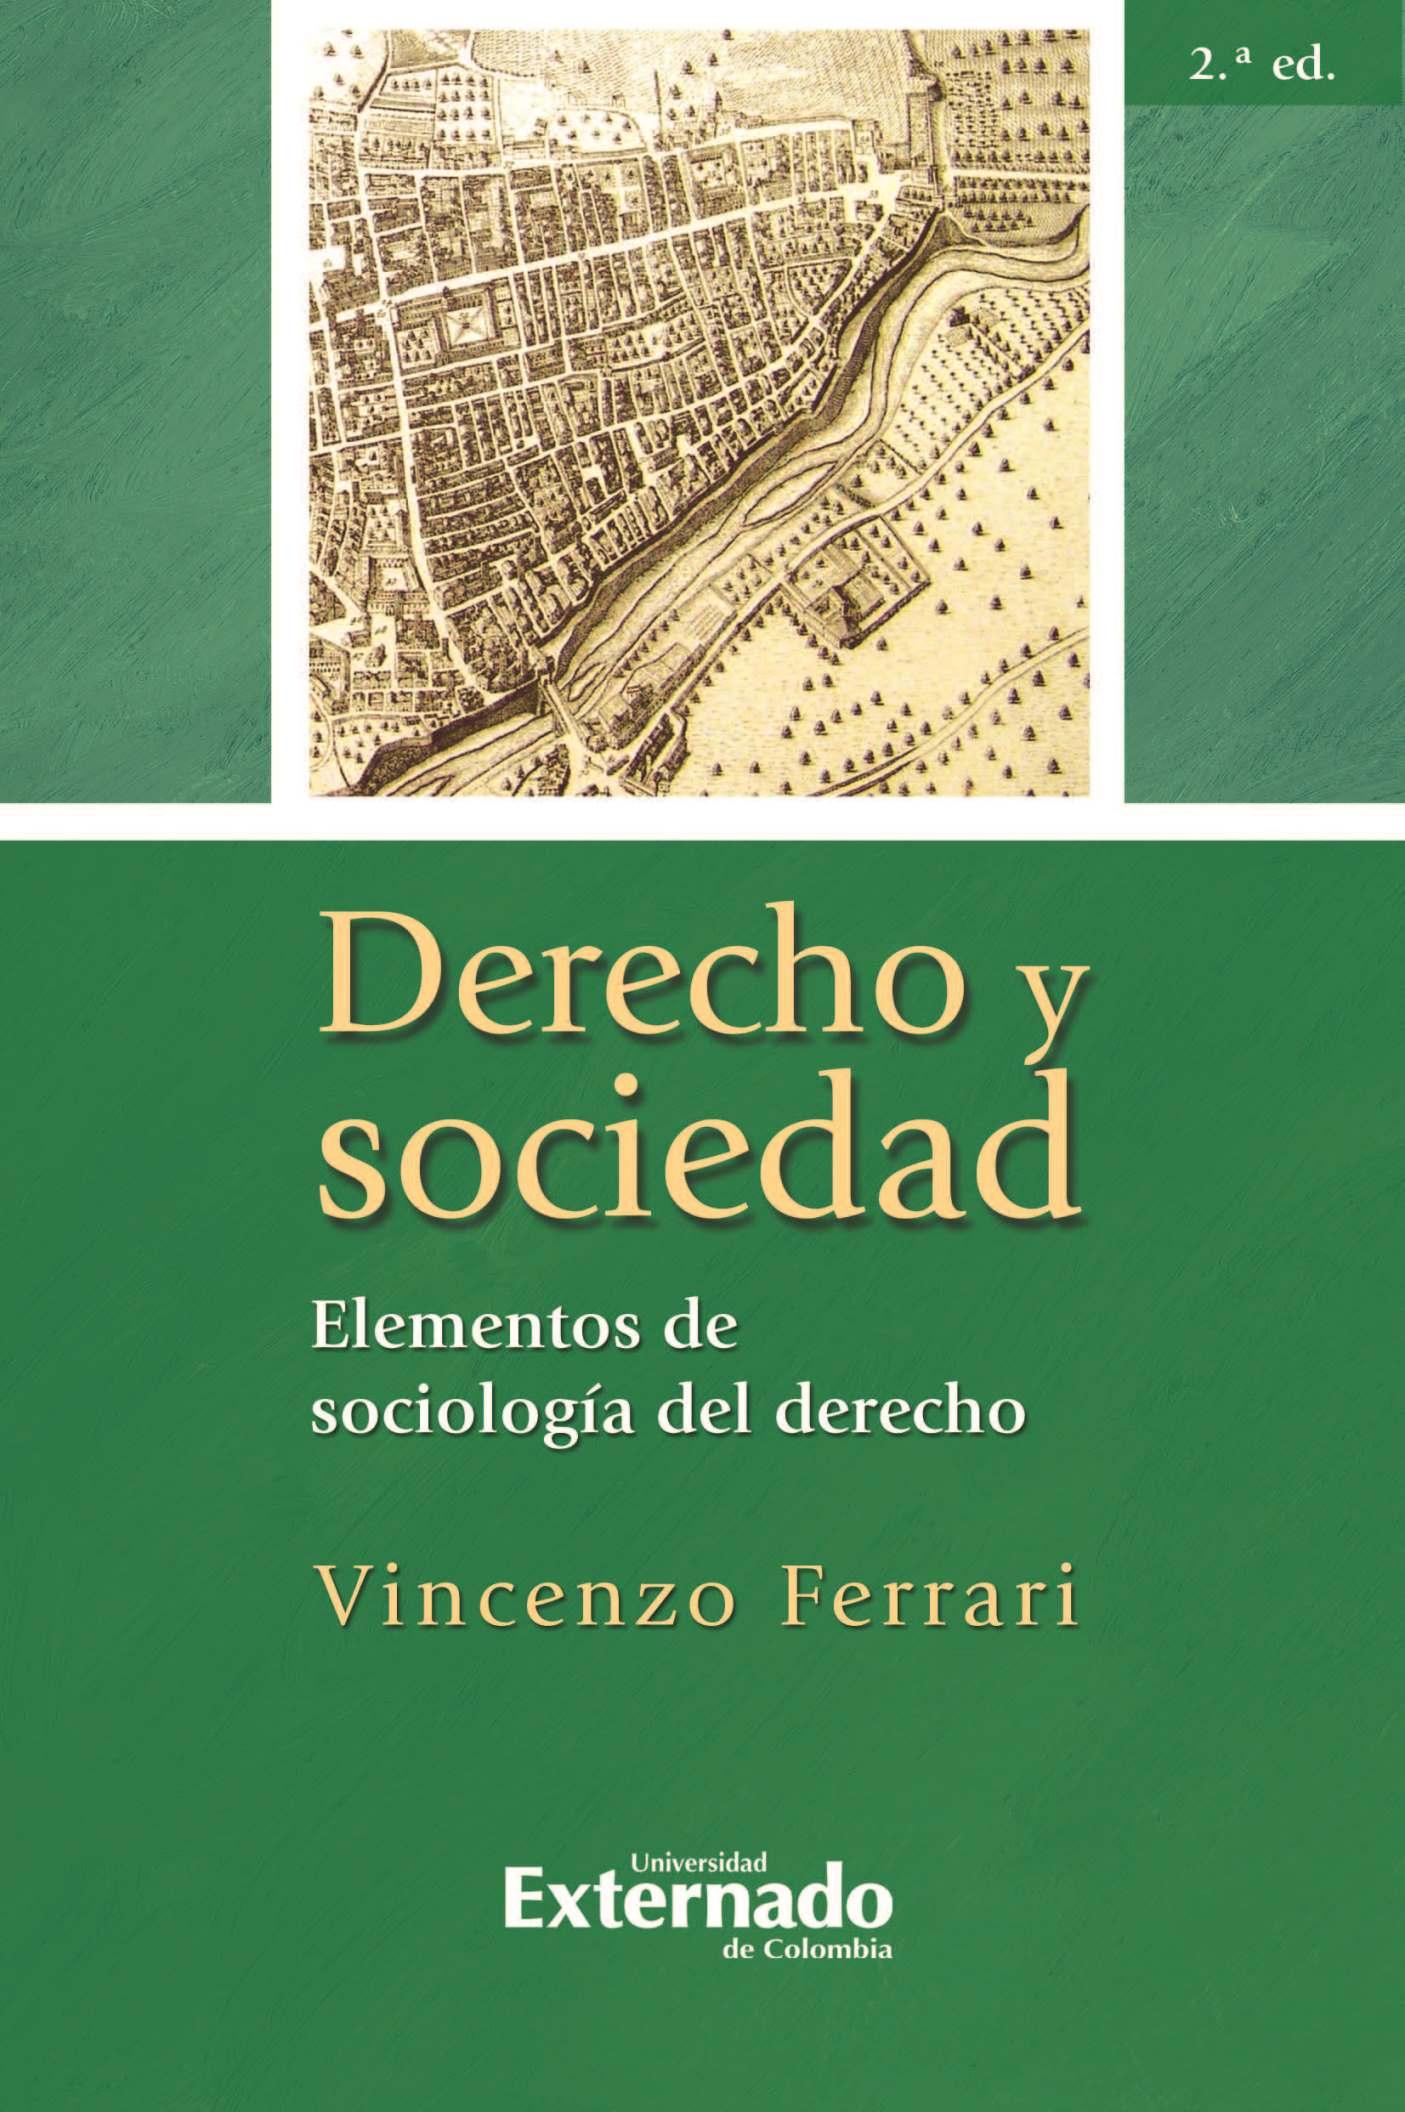 Vincenzo Ferrari Derecho y sociedad. Elementos de sociología del derecho, 2.ª ed.